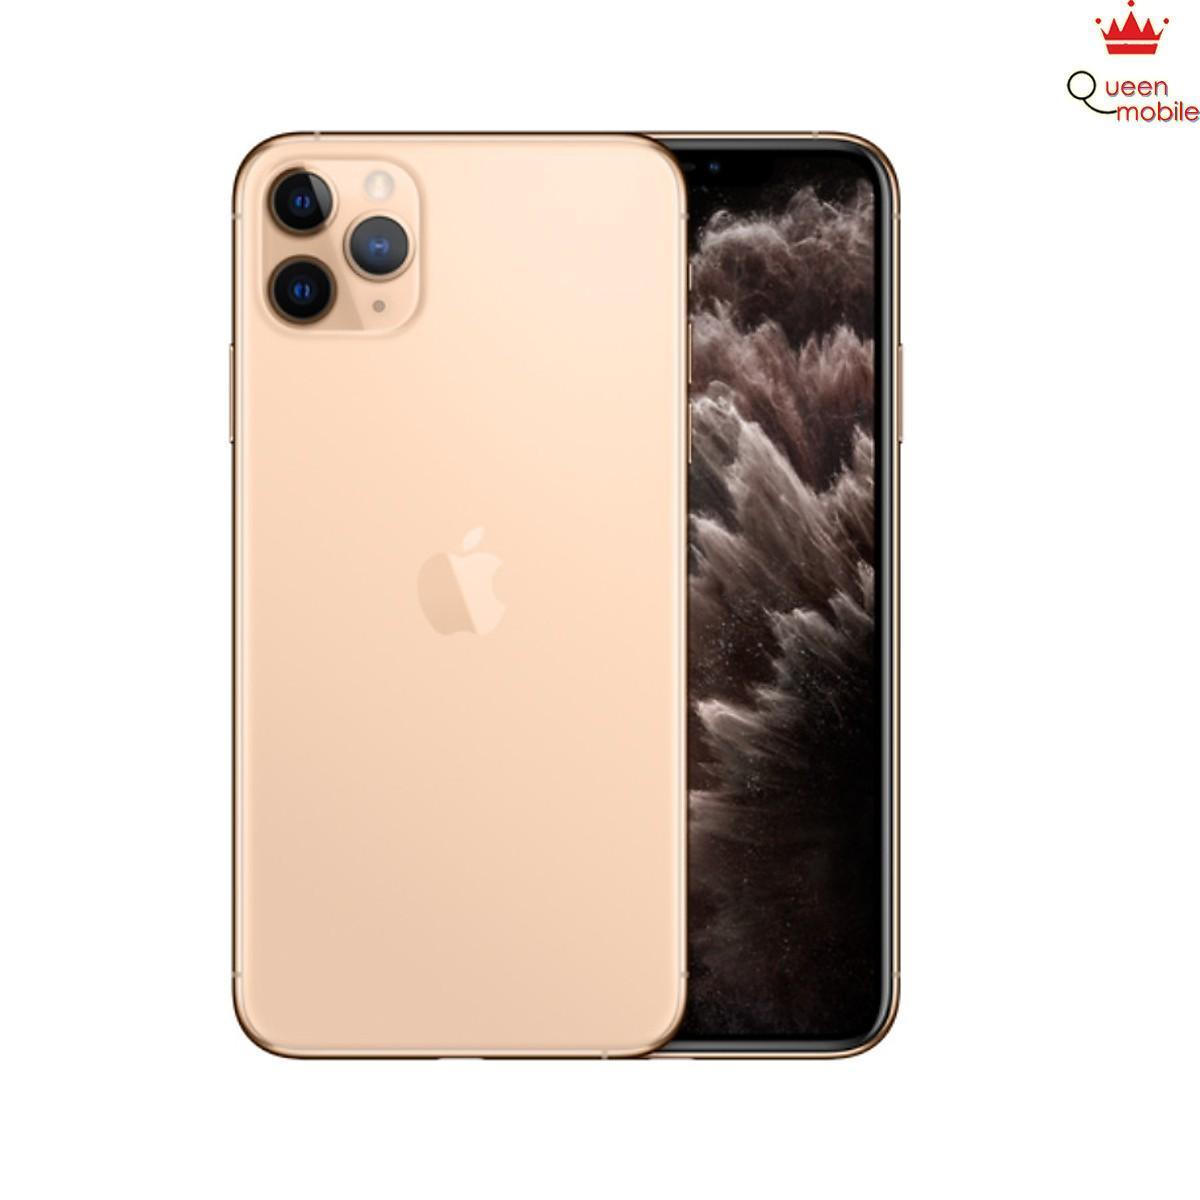 Điện Thoại iPhone 11 Pro Max 64GB - Nguyên Seal - Mới 100% - Vàng